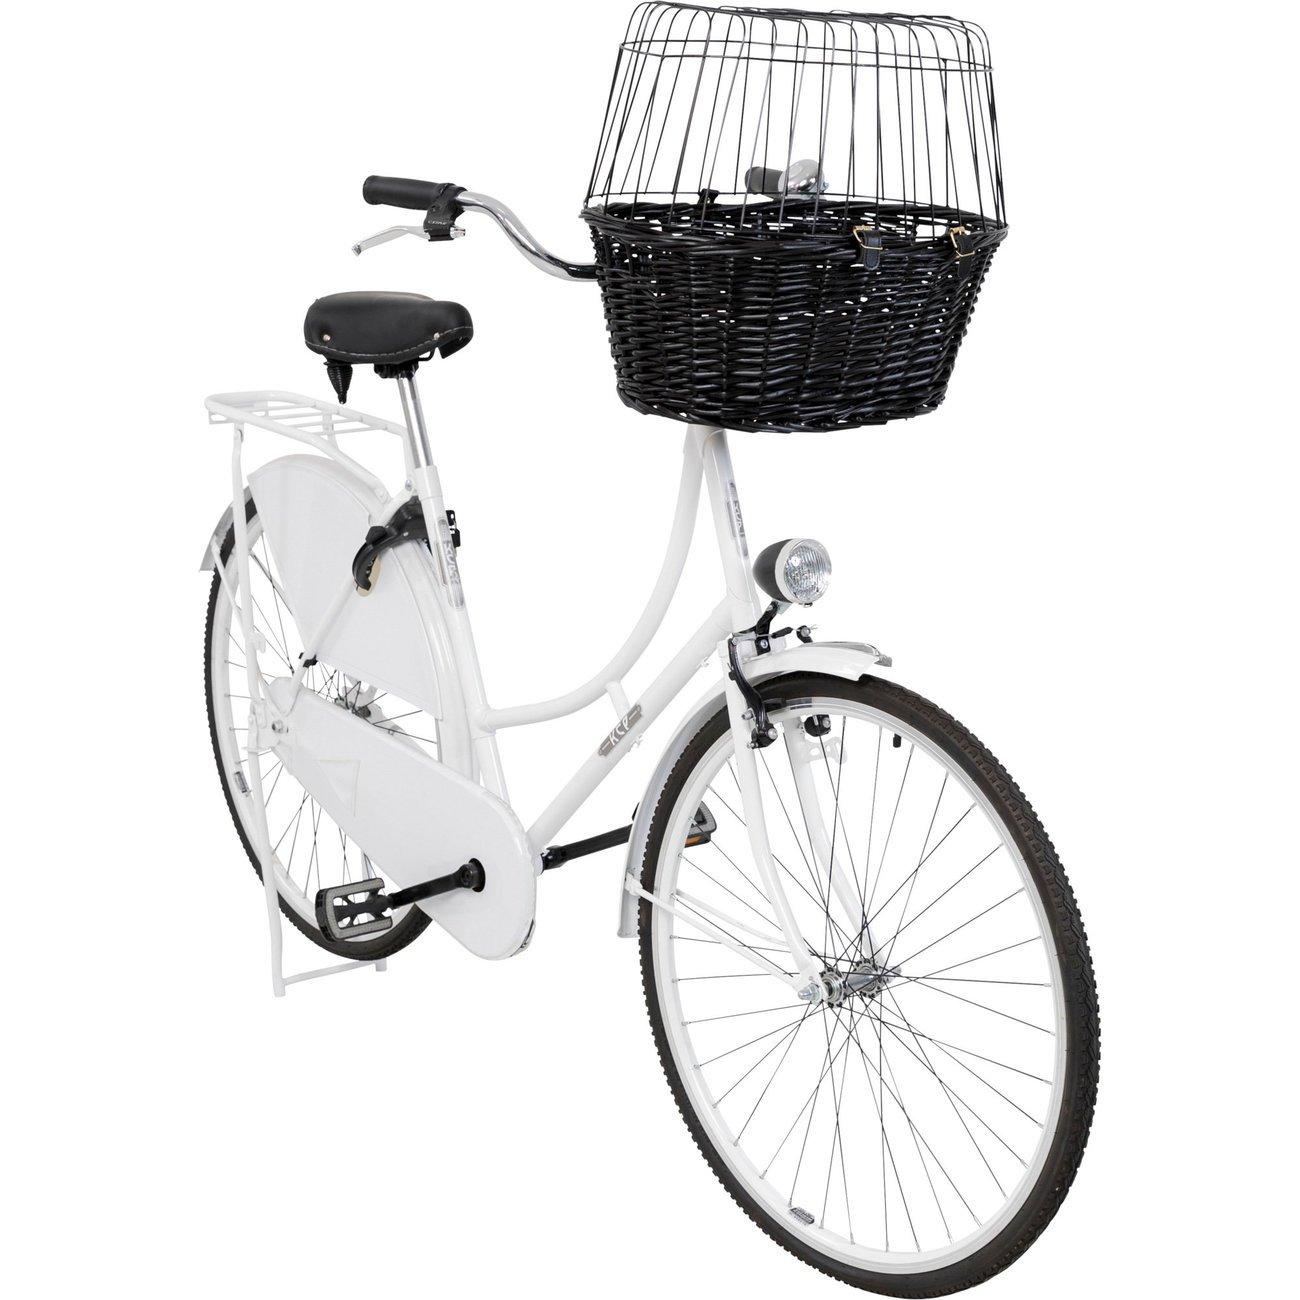 TRIXIE Fahrradkorb mit Gitter, schwarz 2818, Bild 5